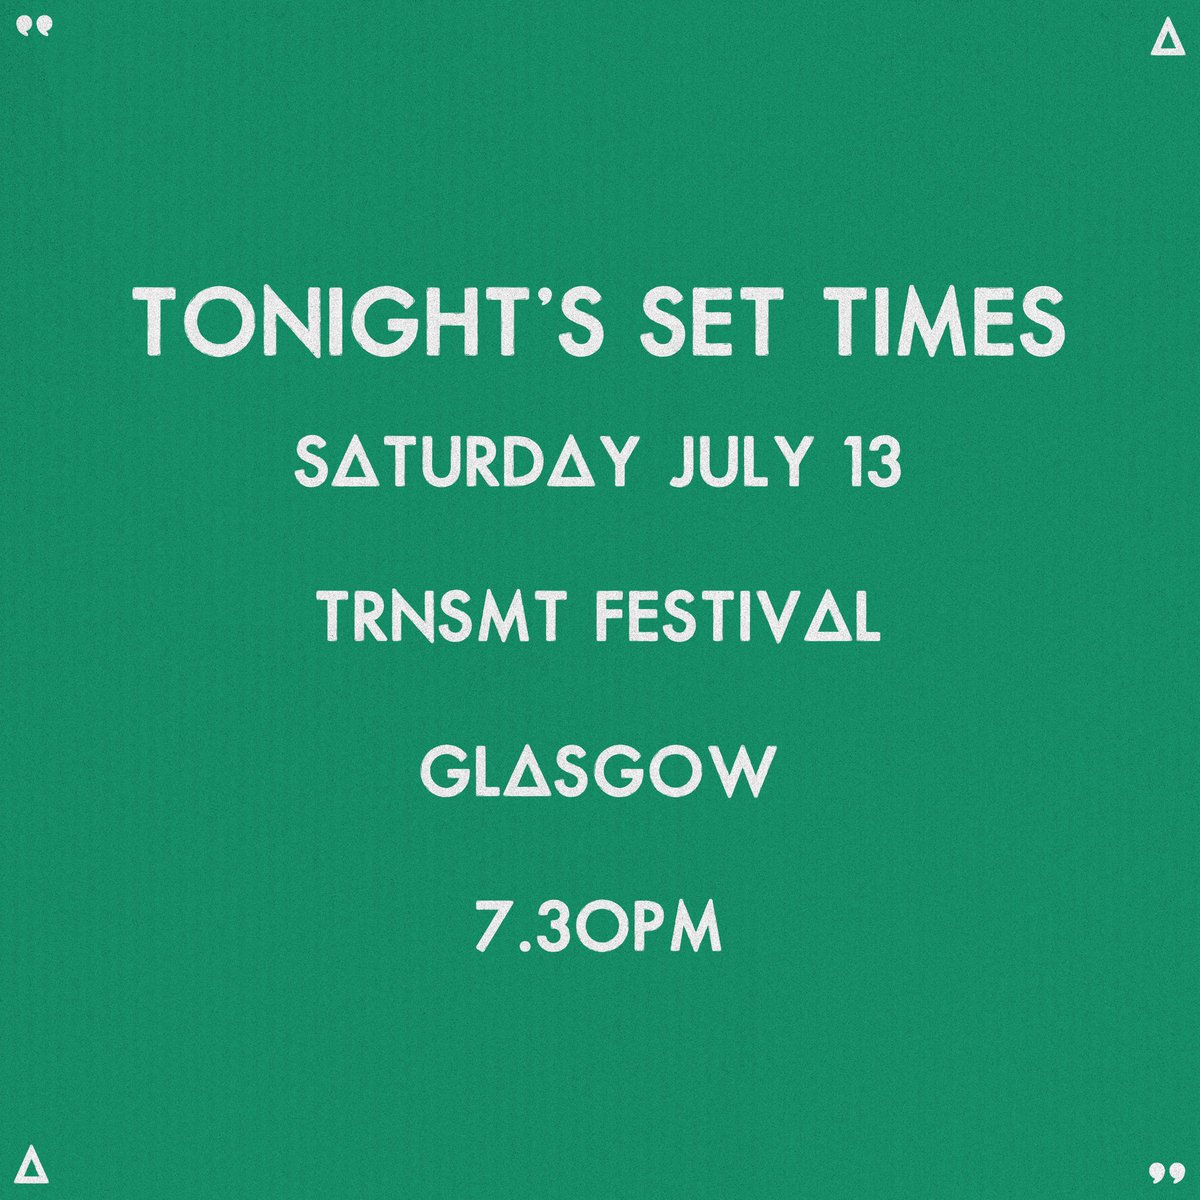 TONIGHT // @TRNSMTfest